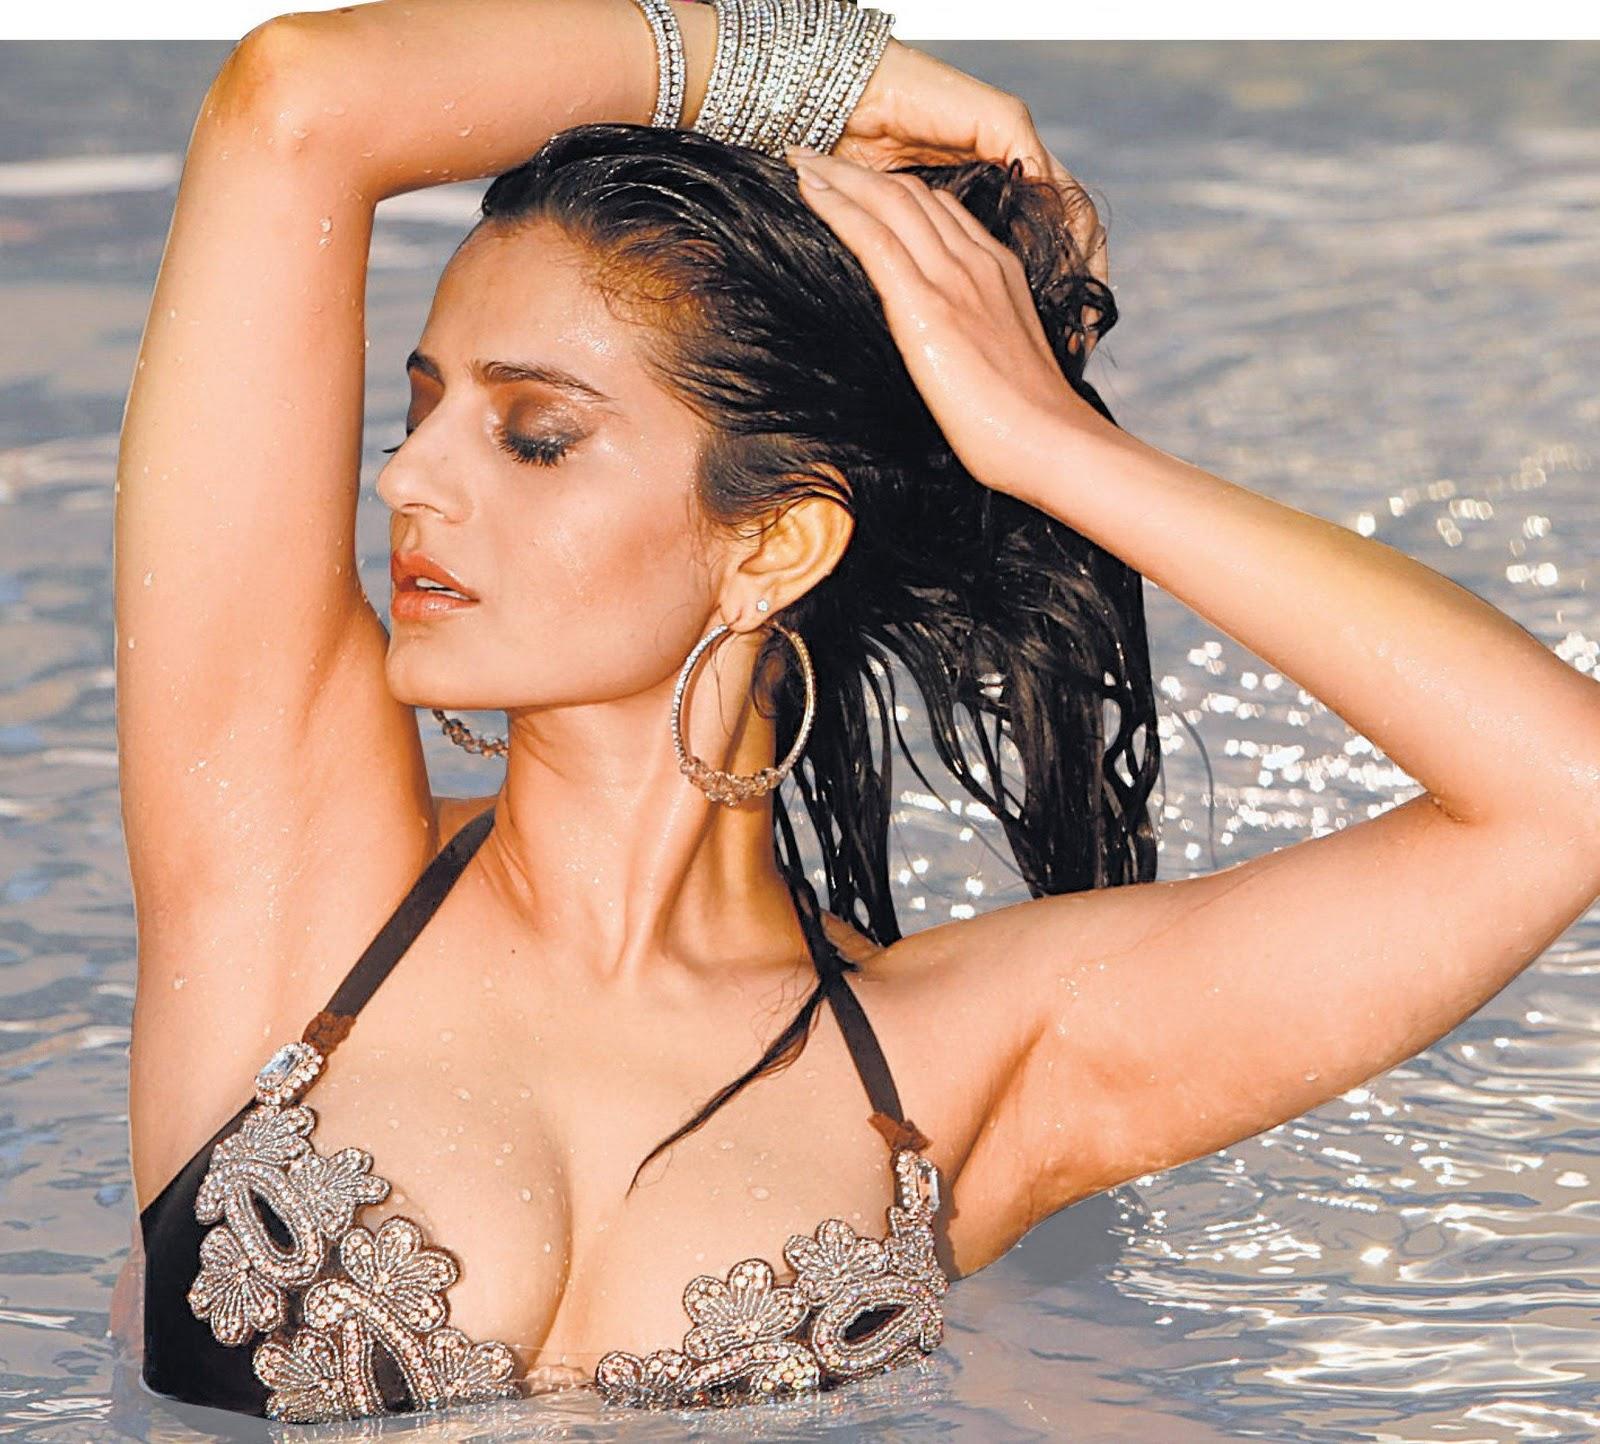 Amisha patel yellow bikini show 9